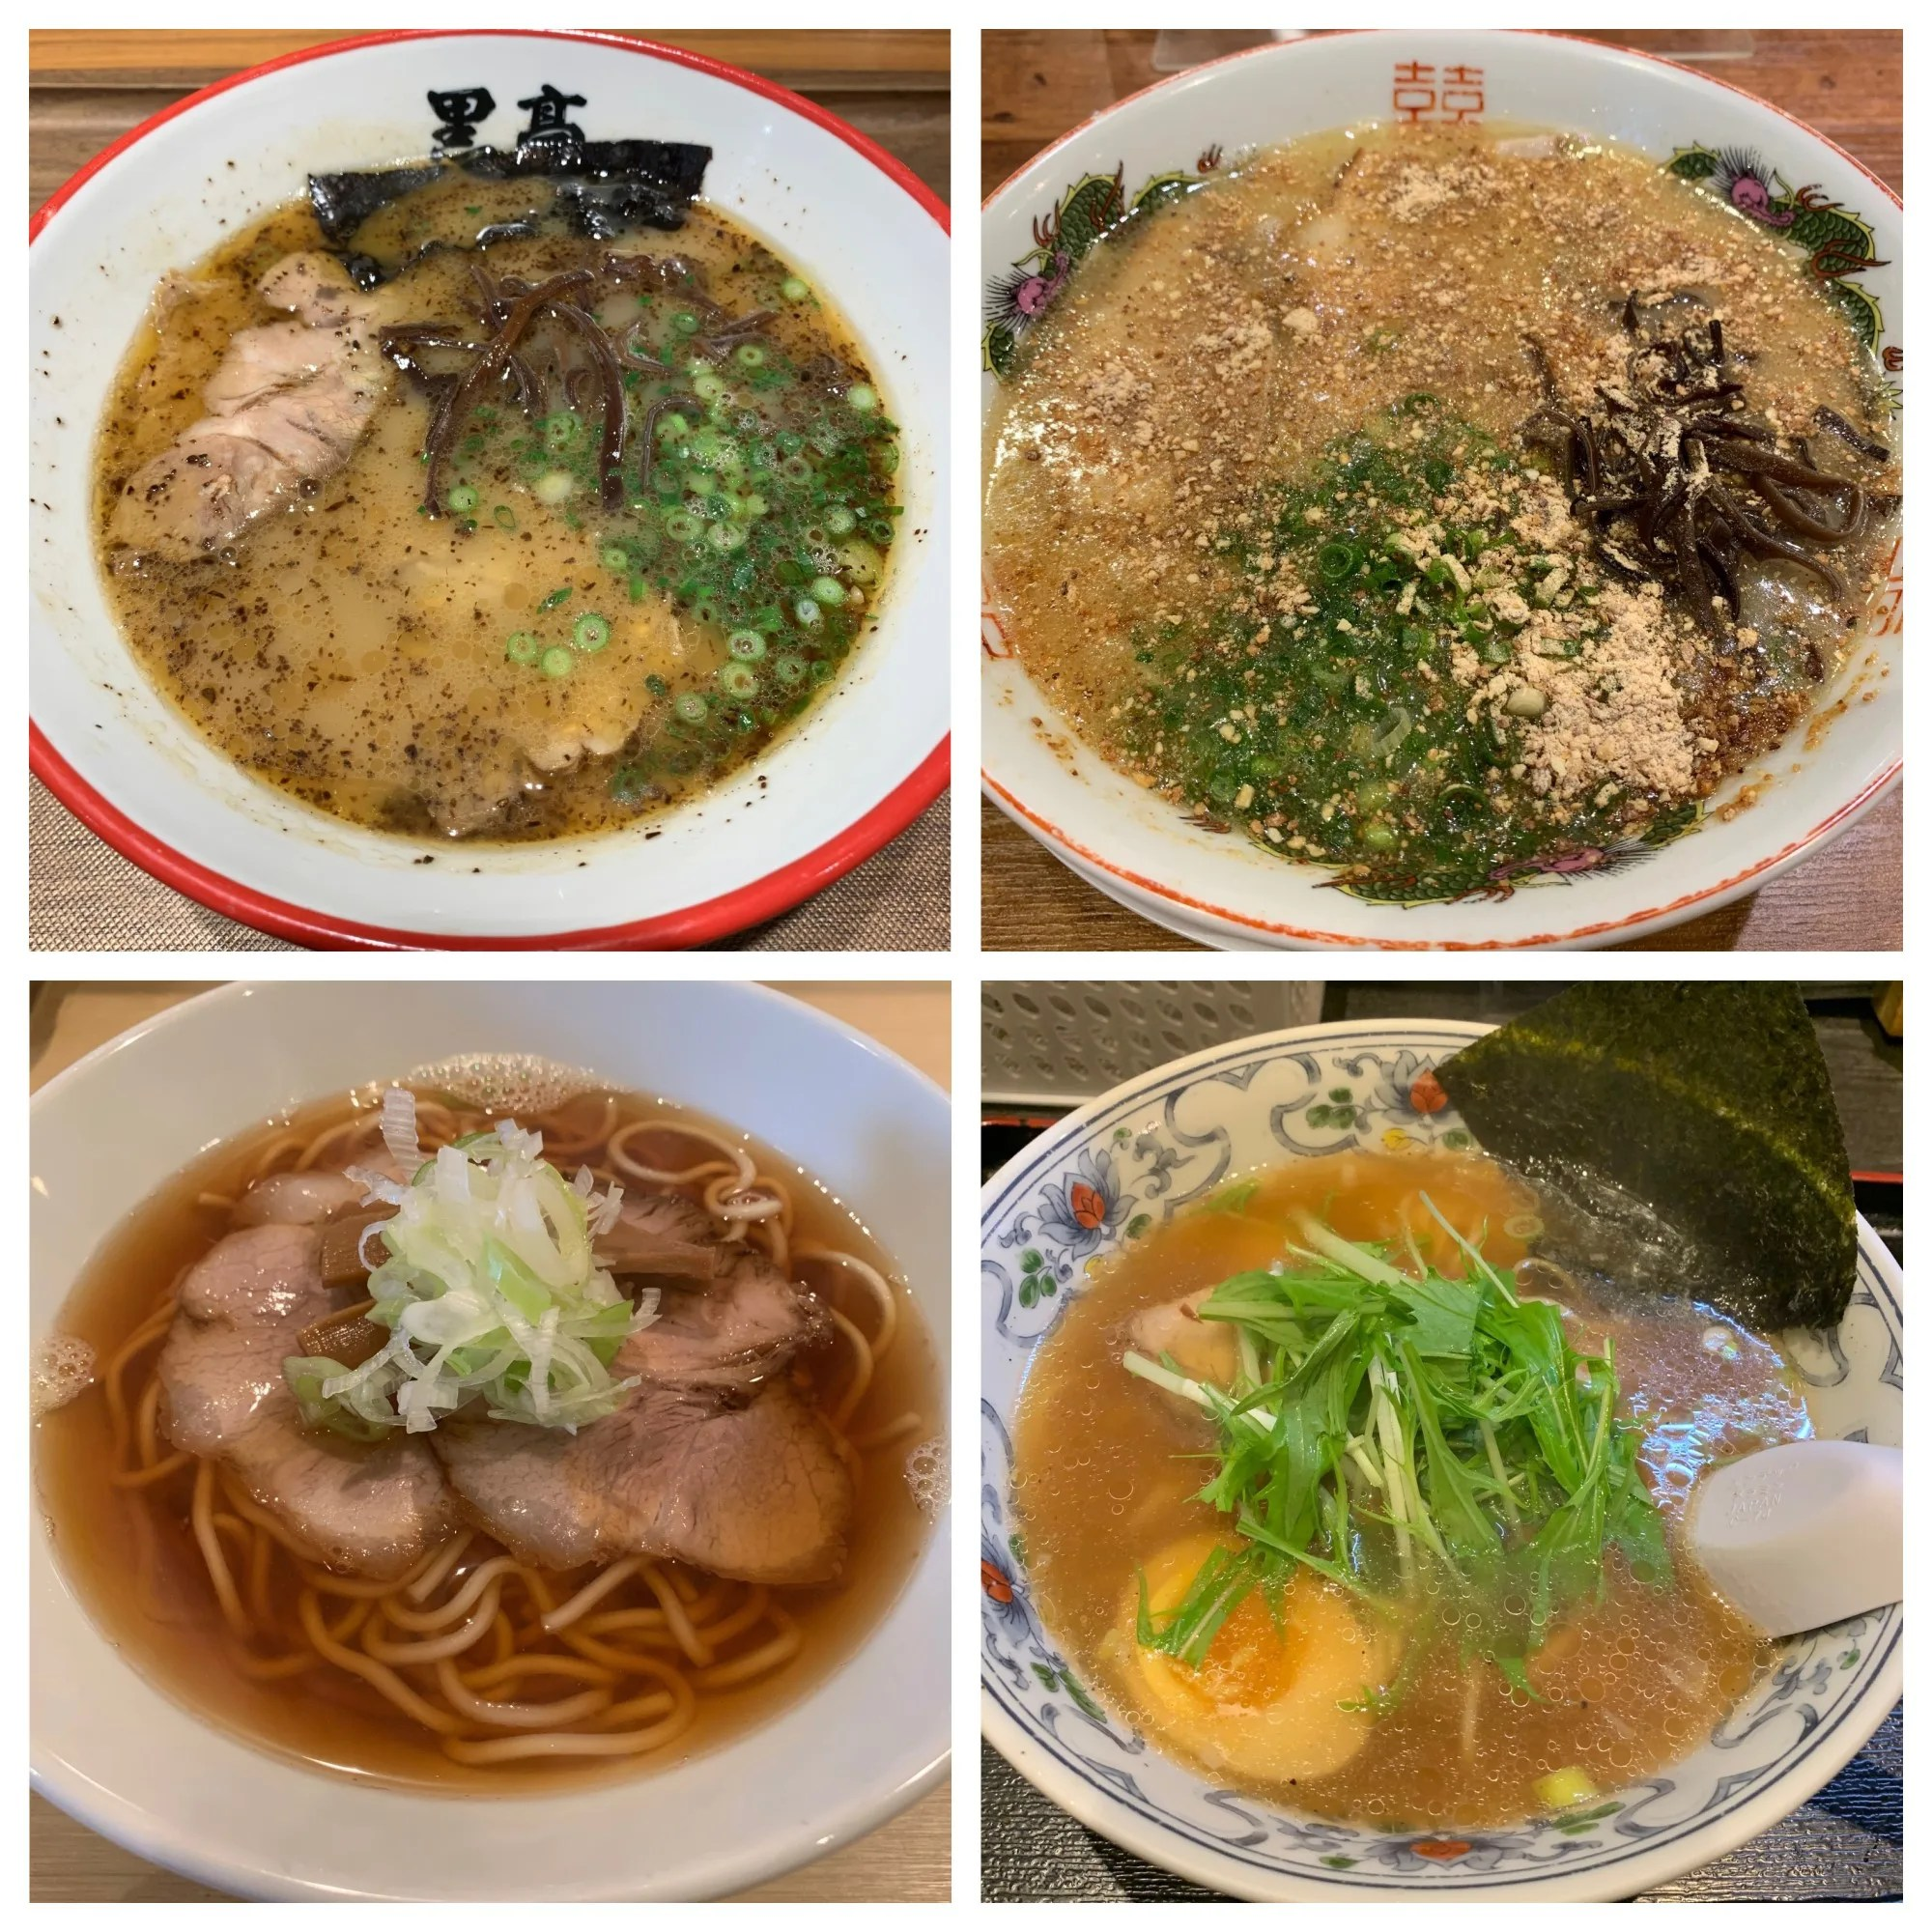 熊本ラーメン食べ比べ実食レポート(定番とんこつの老舗から人気の煮干しラーメンまで)